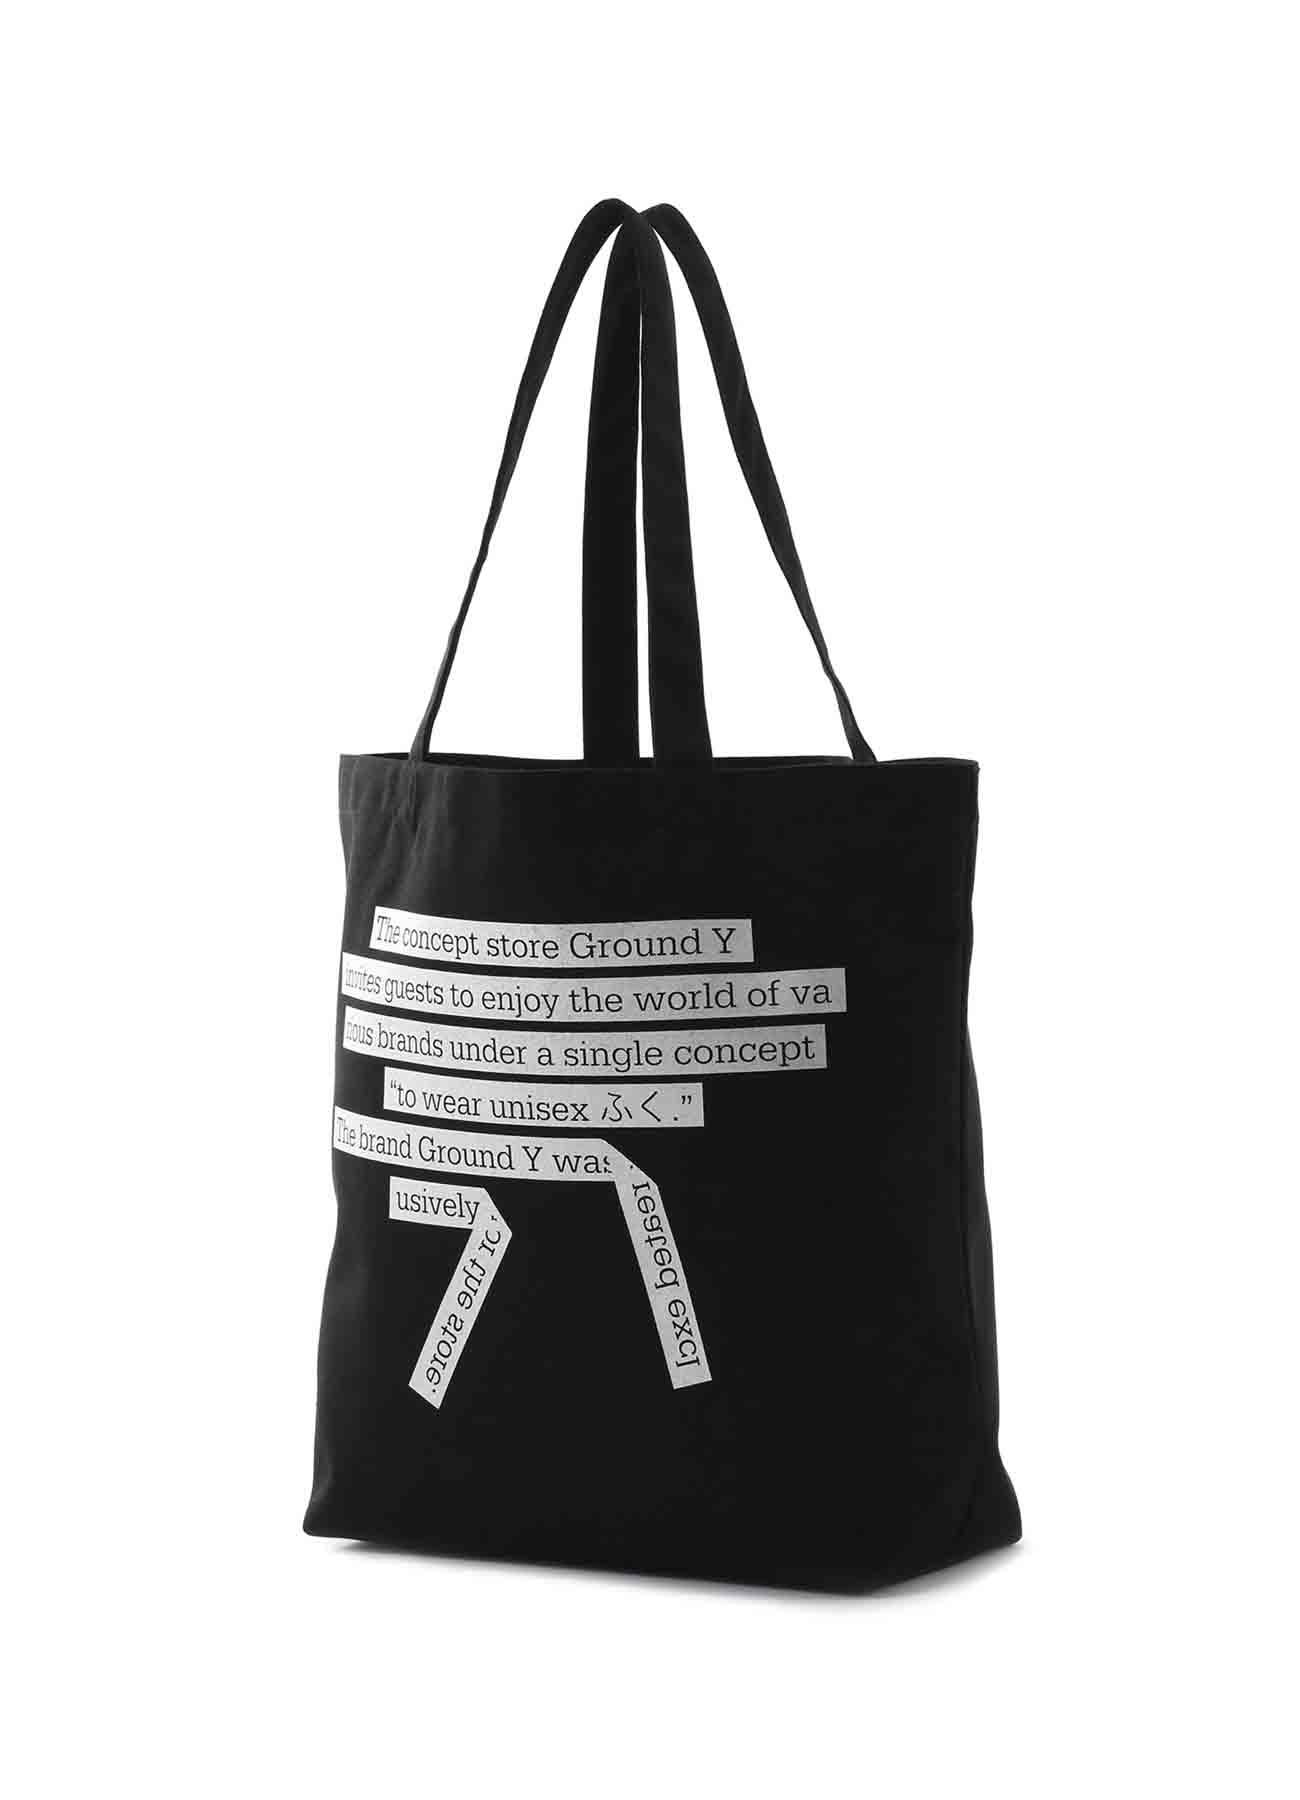 5.0オンス コンセプトグラフィックトートバッグ